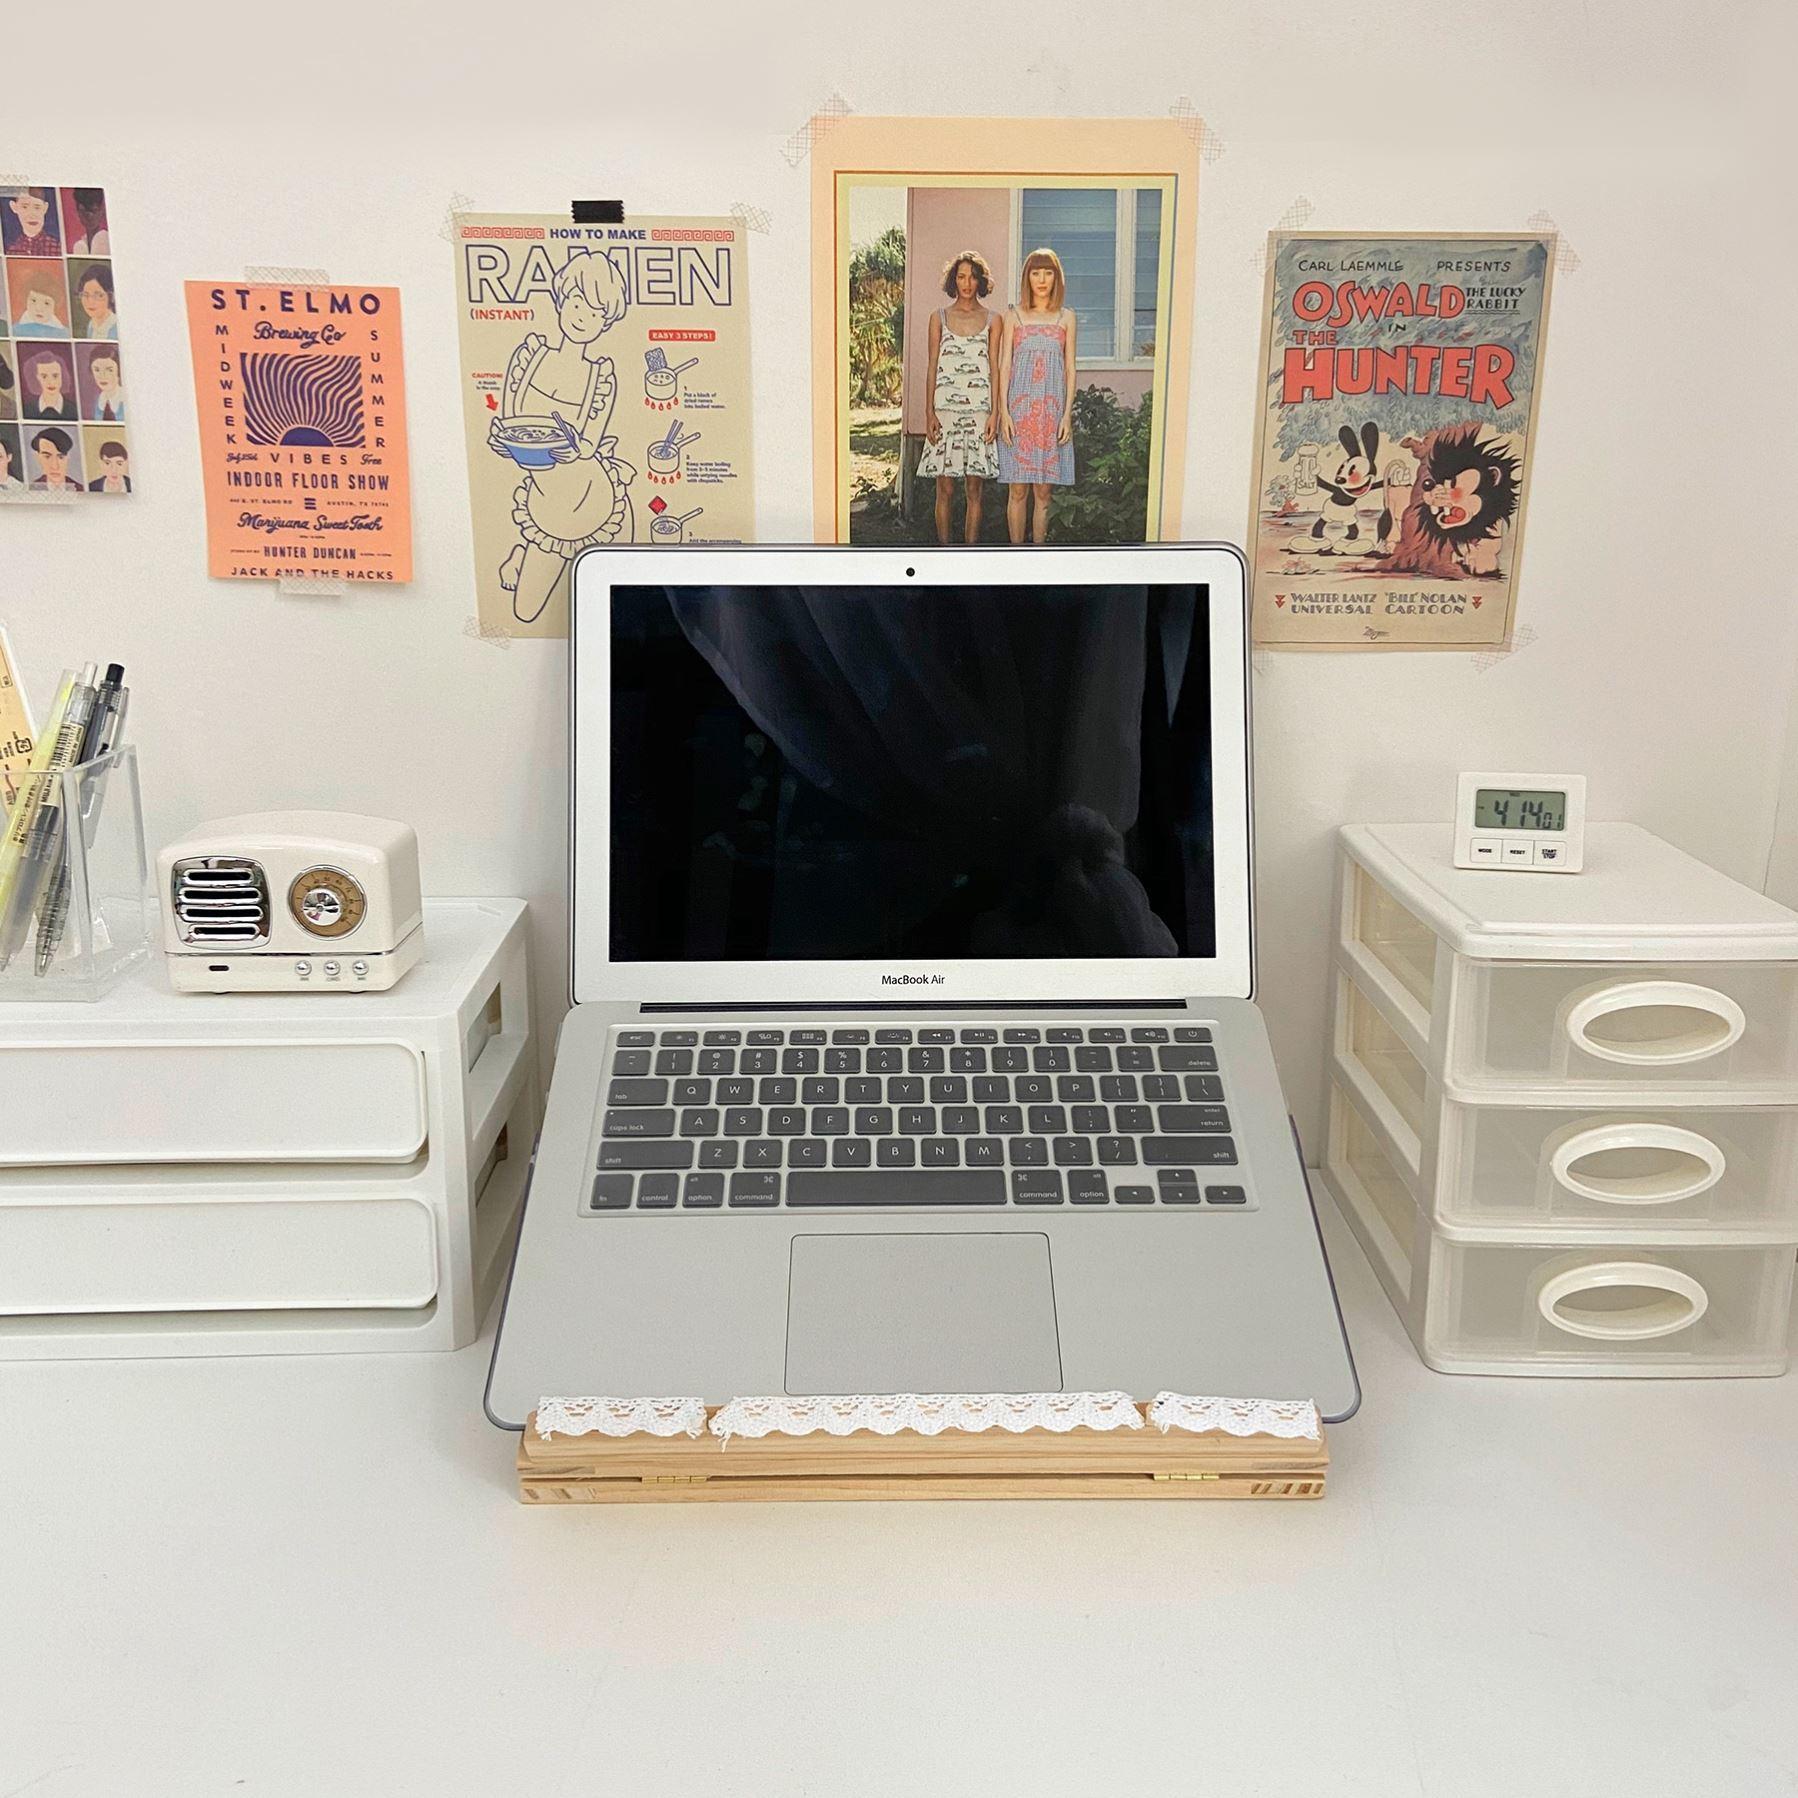 散热架平板新款电脑游戏配件保护ima书桌笔记本底座木质升降支架